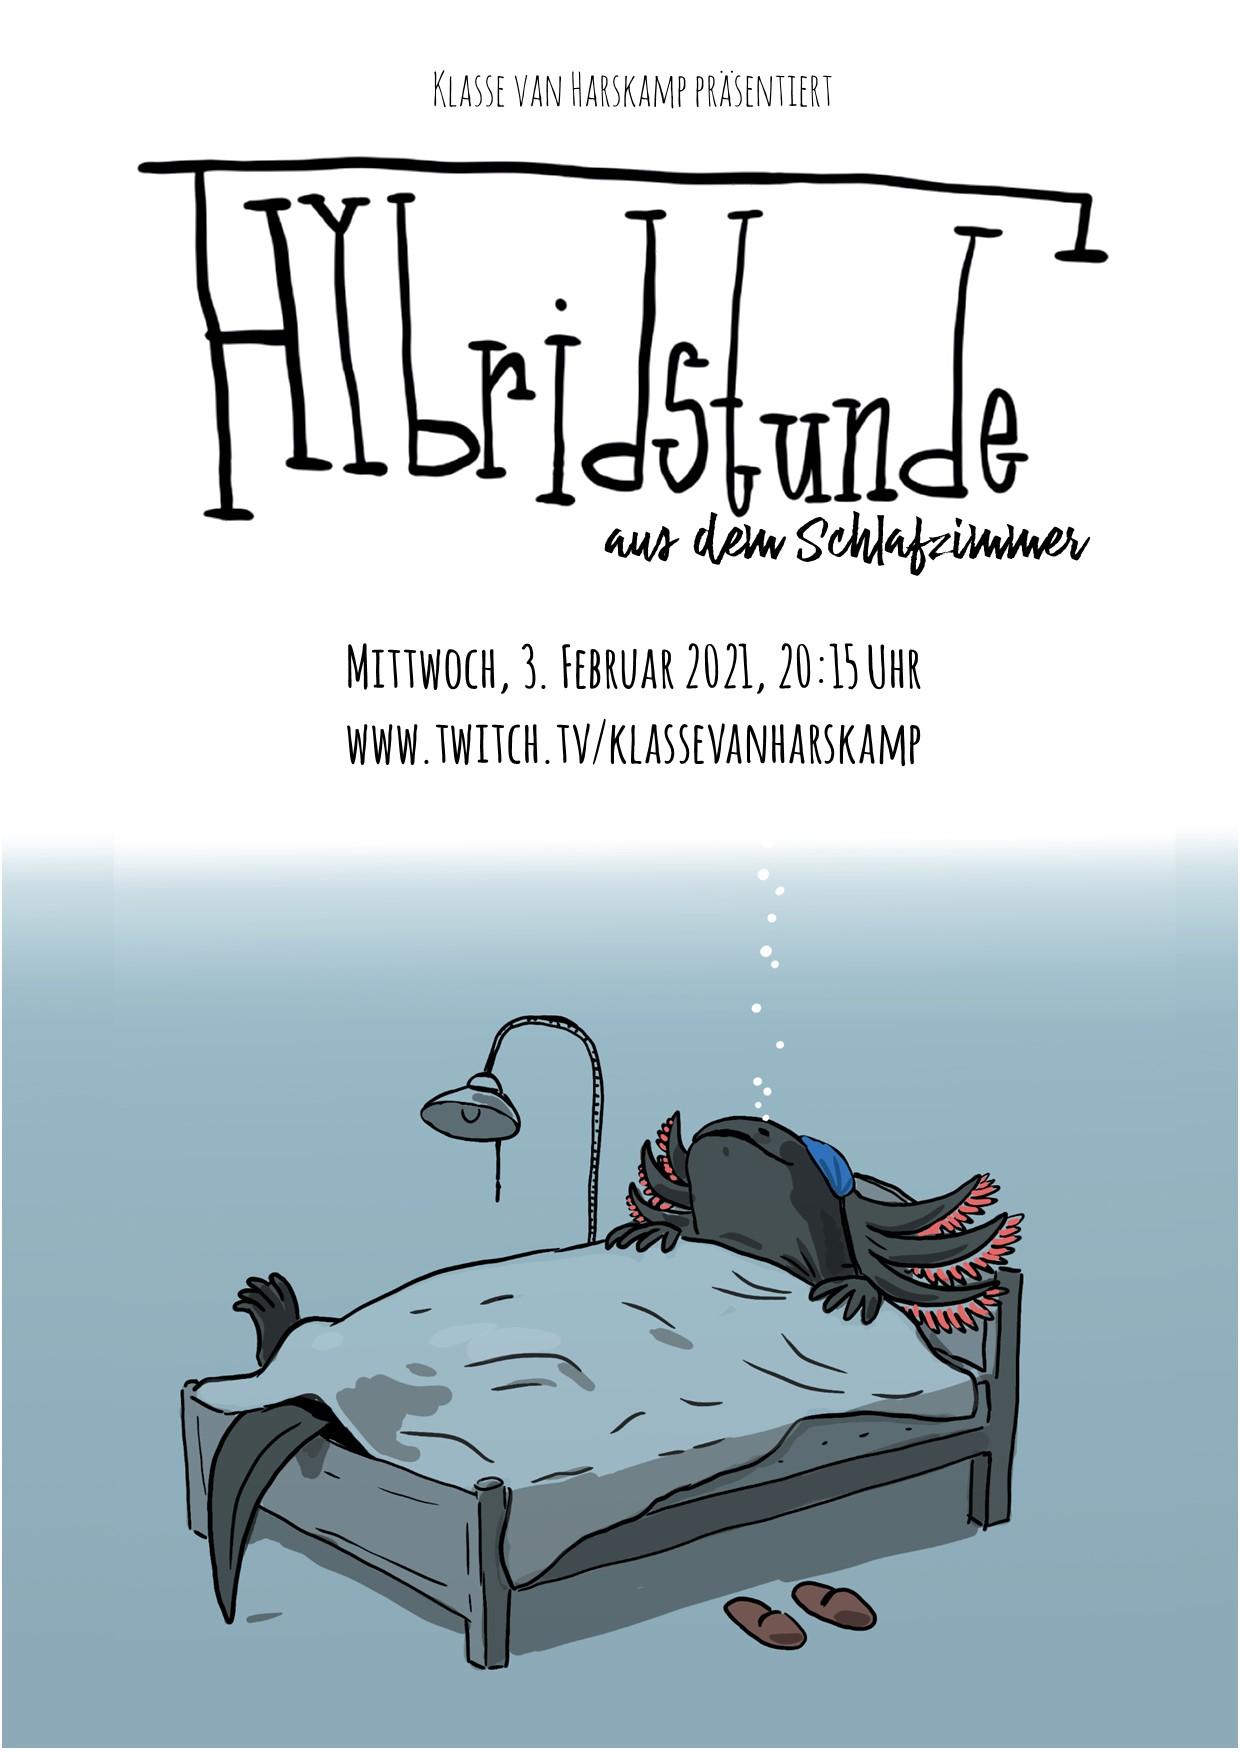 Eventbild für Maria Renée Morales García, Kerstin Hochhaus, Katarina Kloppe, u.a. /// Hybridstunde aus dem Schlafzimmer